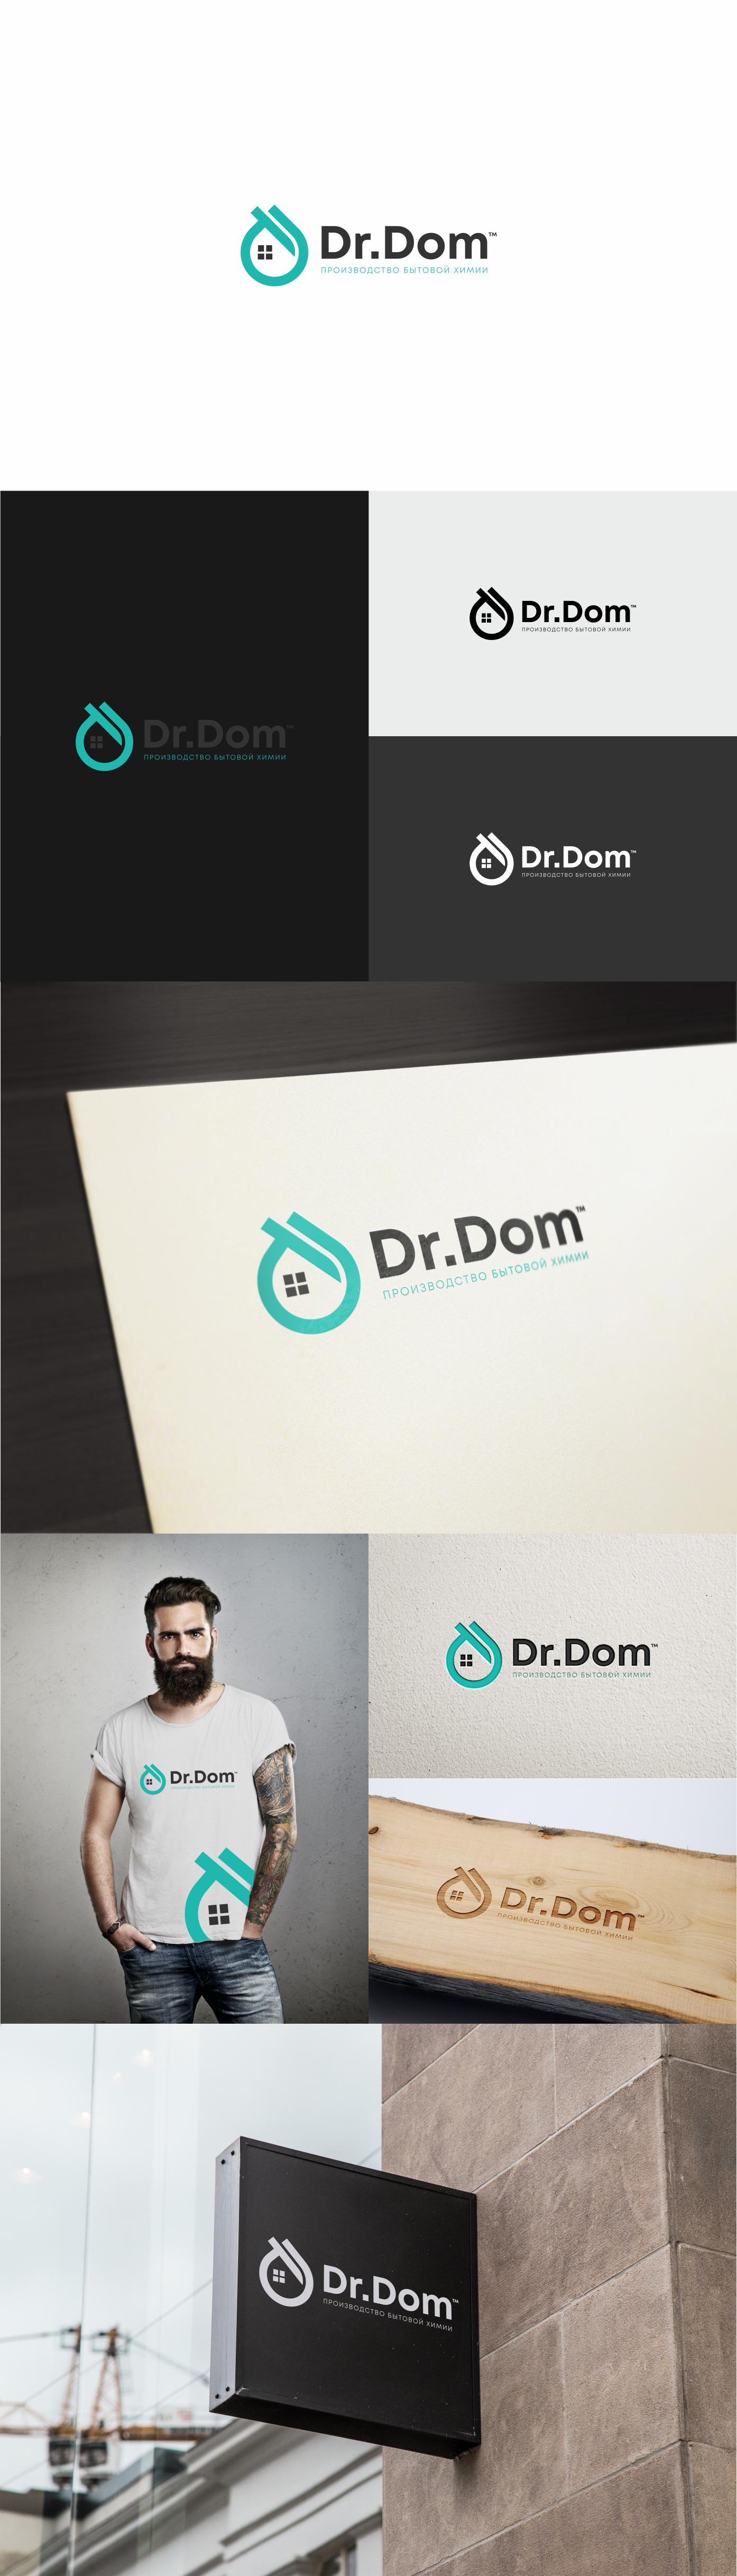 Разработать логотип для сети магазинов бытовой химии и товаров для уборки фото f_381600e9c14e3b37.jpg